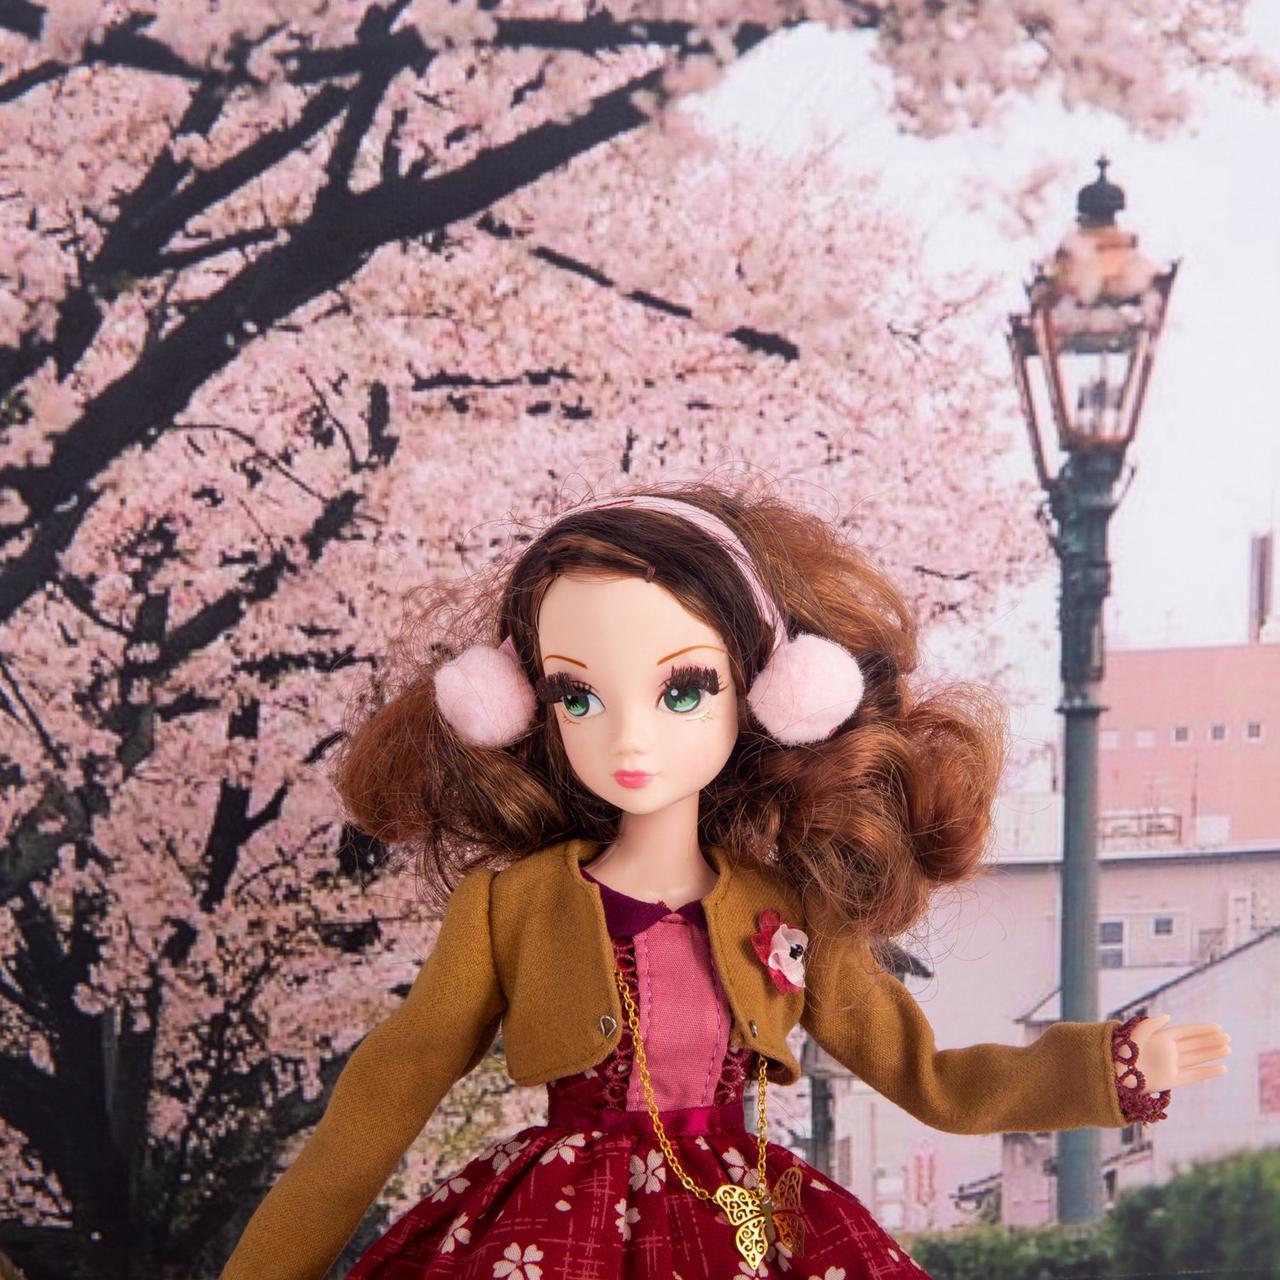 """Кукла Sonya Rose, серия """"Daily collection"""" Путешествие в Японию (Gulliver, Россия) - фото 6"""